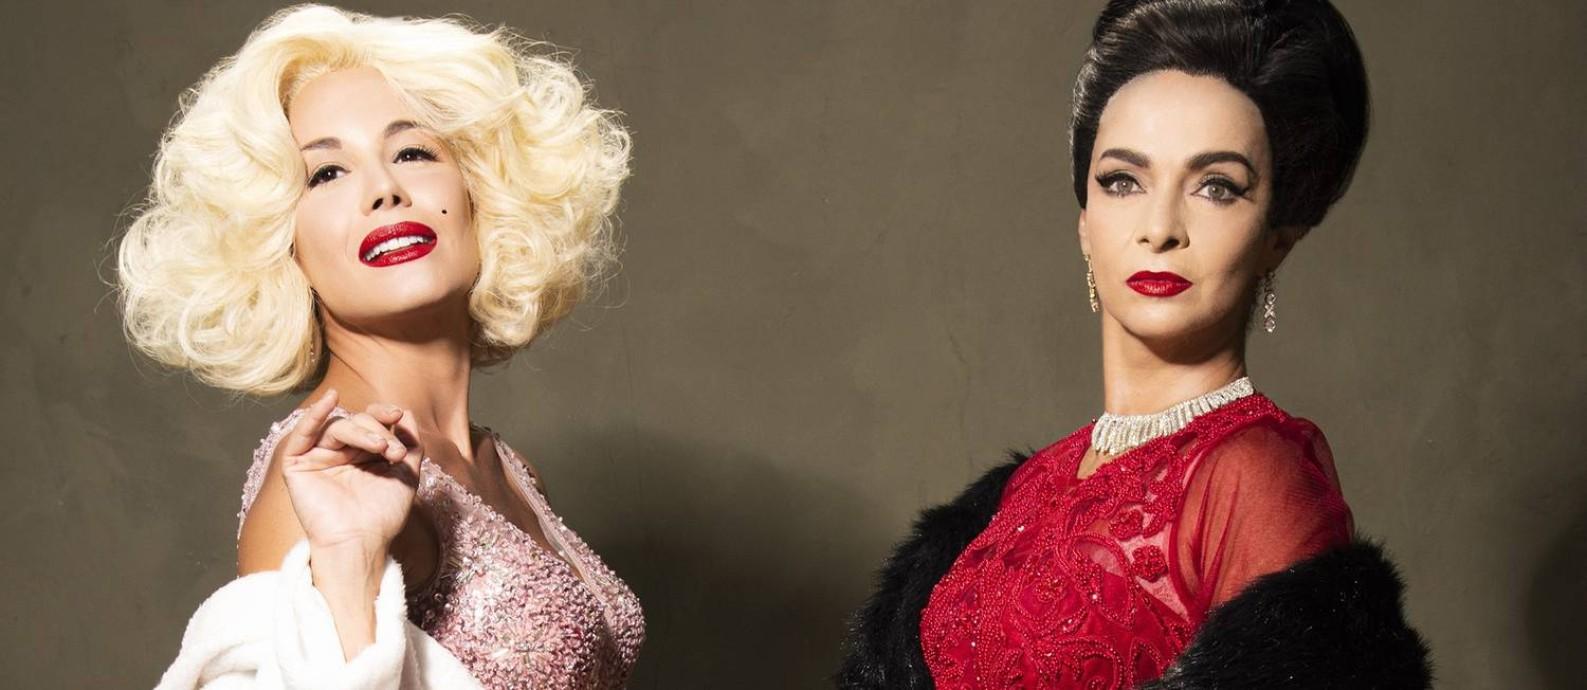 Juliana Knust e Claudia Ohana são Marilyn Monroe e Maria Callas em 'Parabéns Mr. President' Foto: Pino Gomes / Divulgação